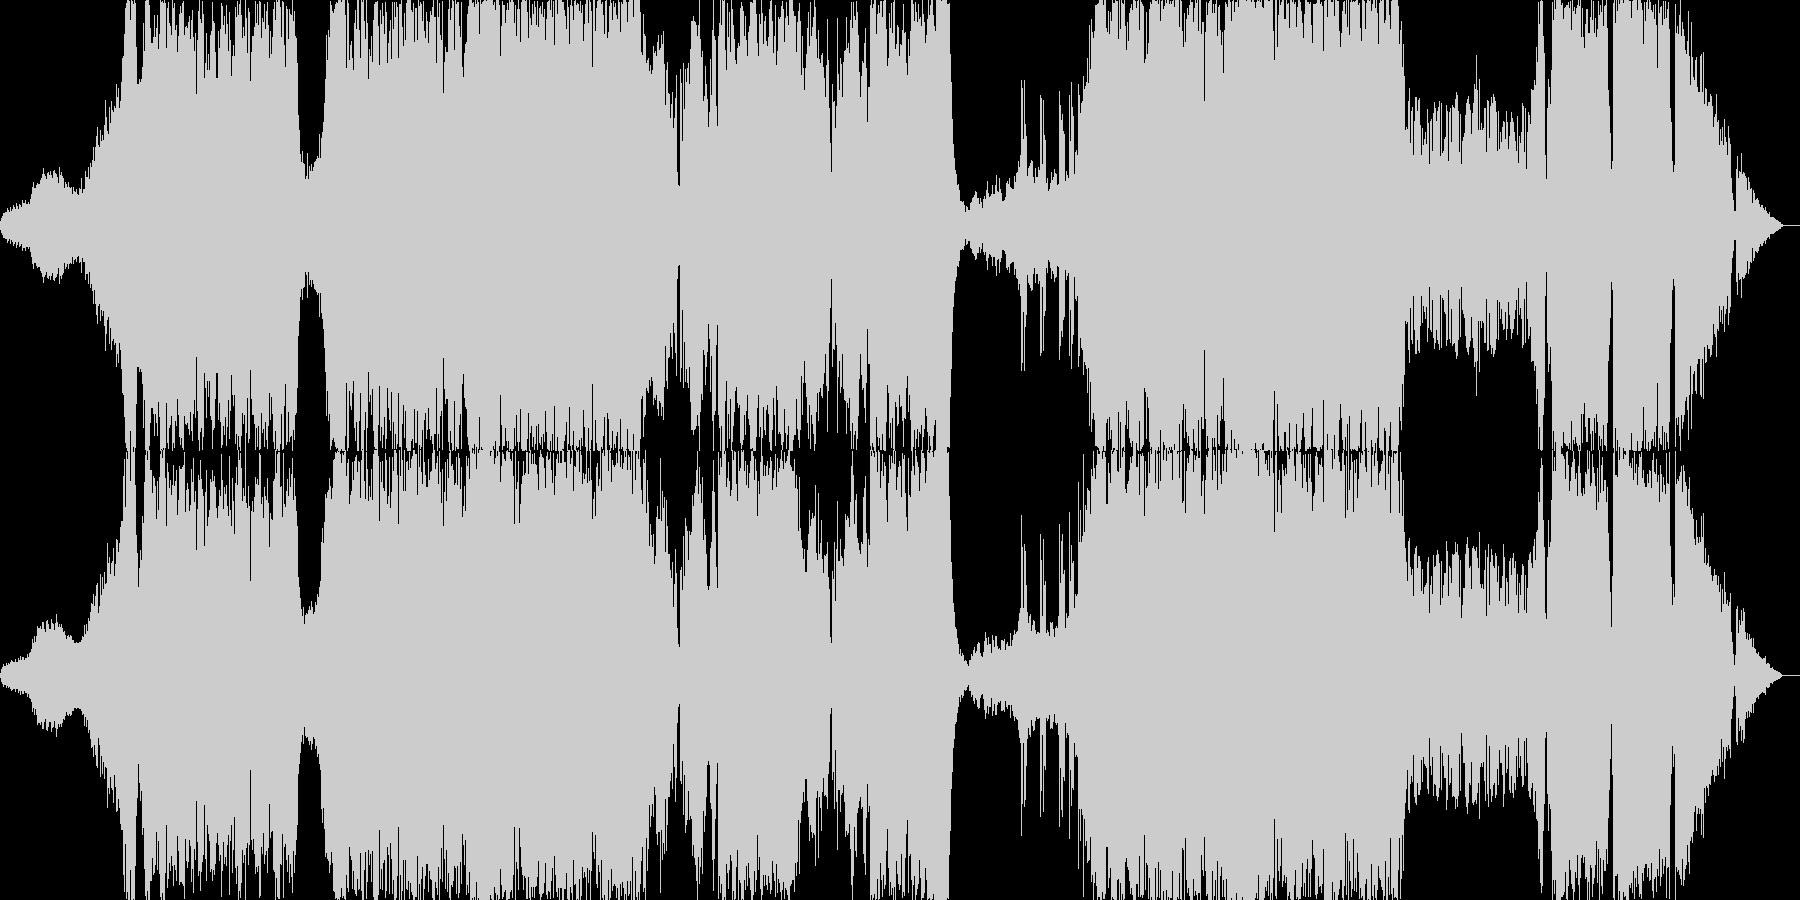 アクションスコア風戦闘曲の未再生の波形